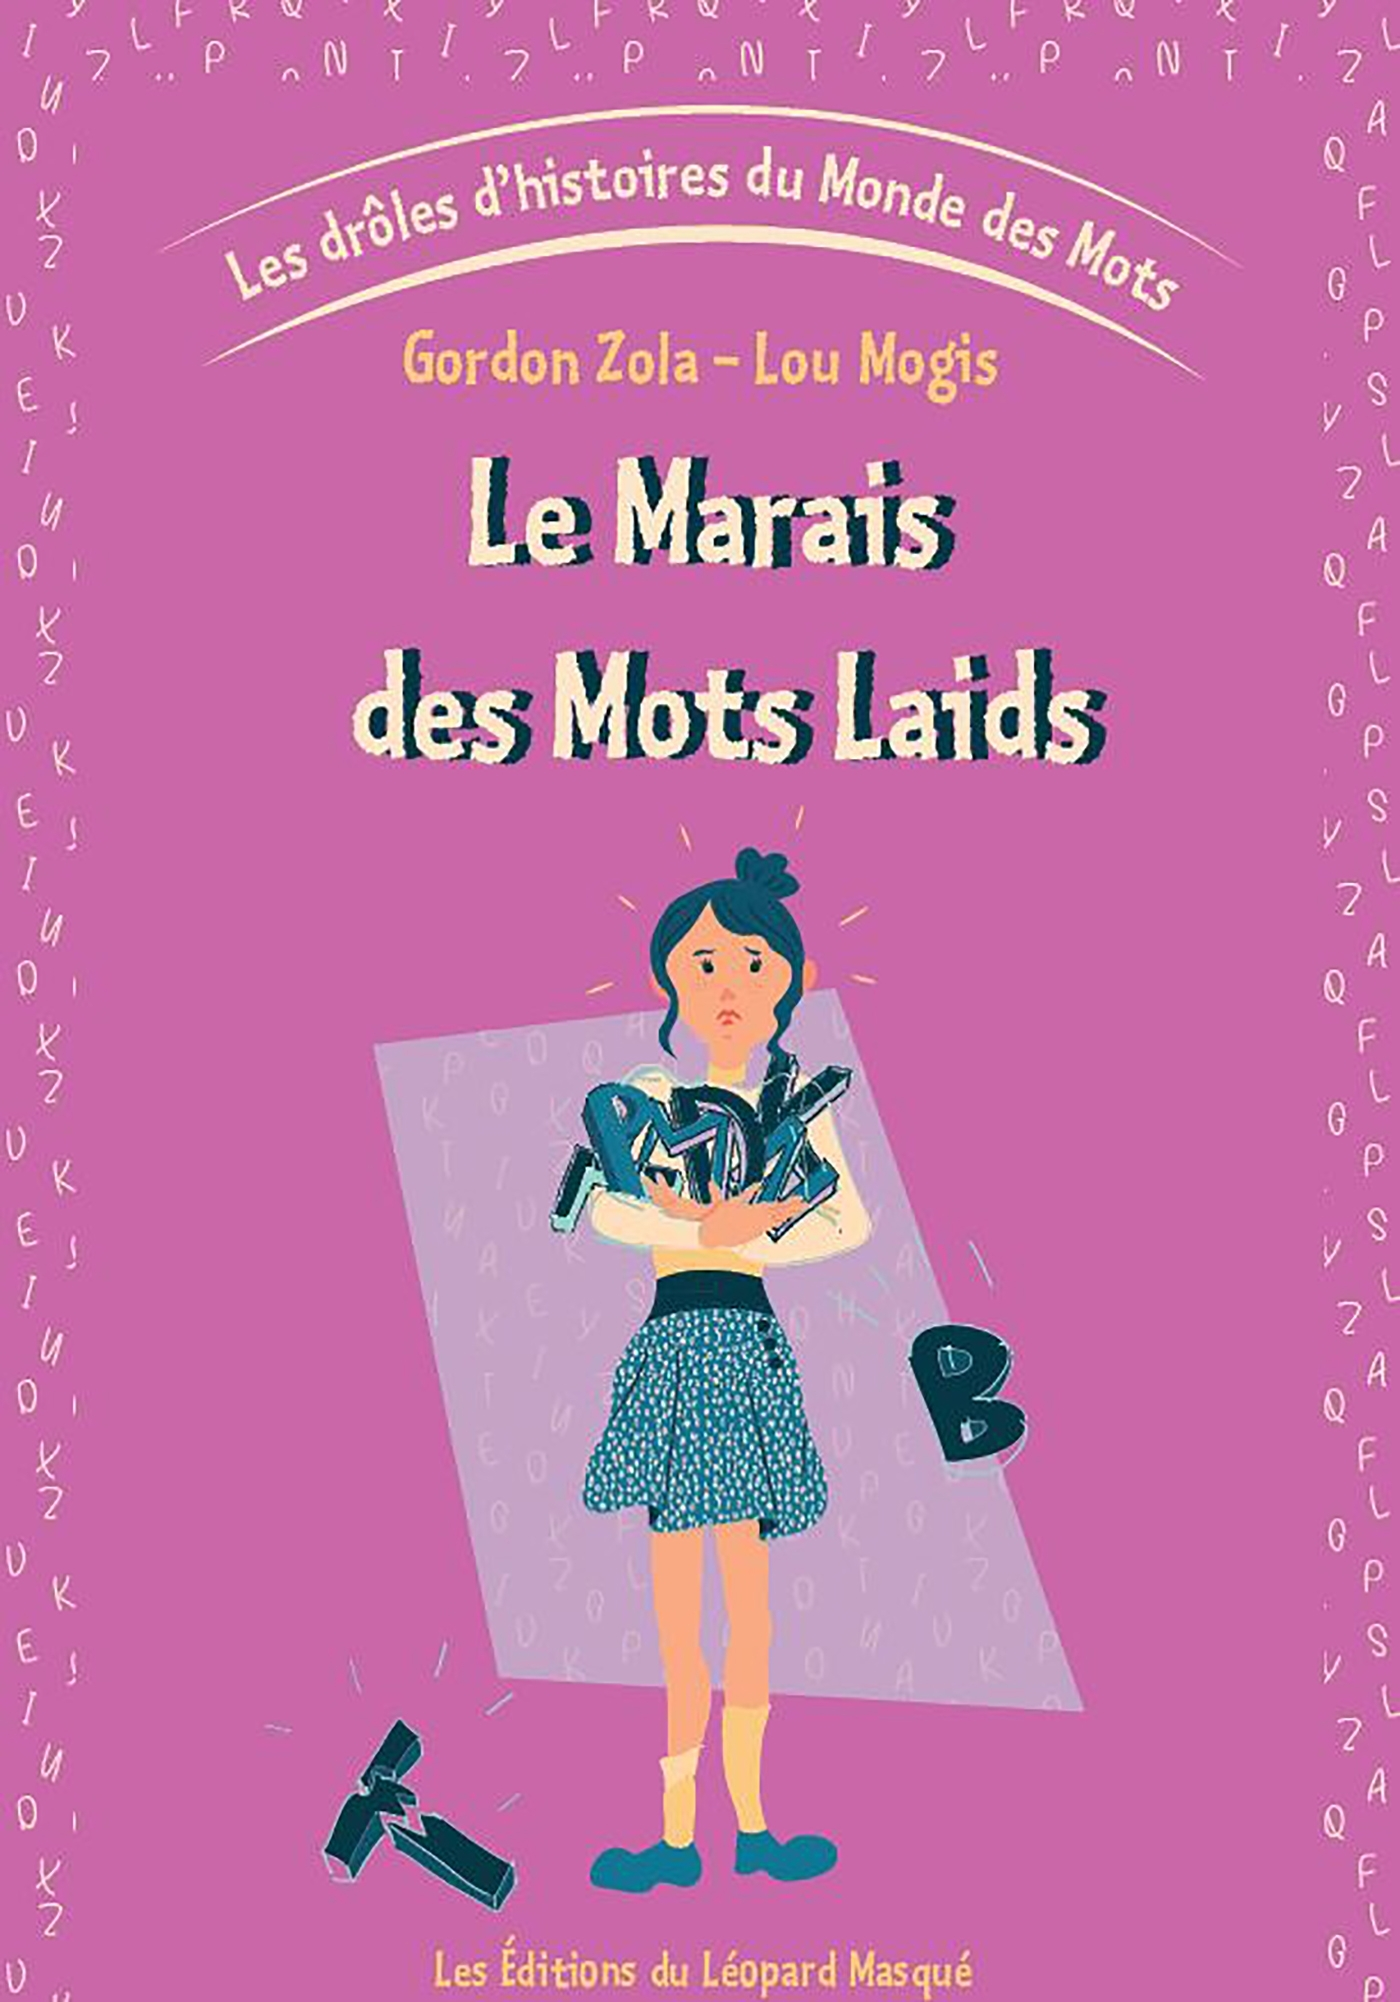 LES DROLES D'HISTOIRES DU MONDE DES MOTS - VOL. 3 LE MARAIS DES MOTS LAIDS